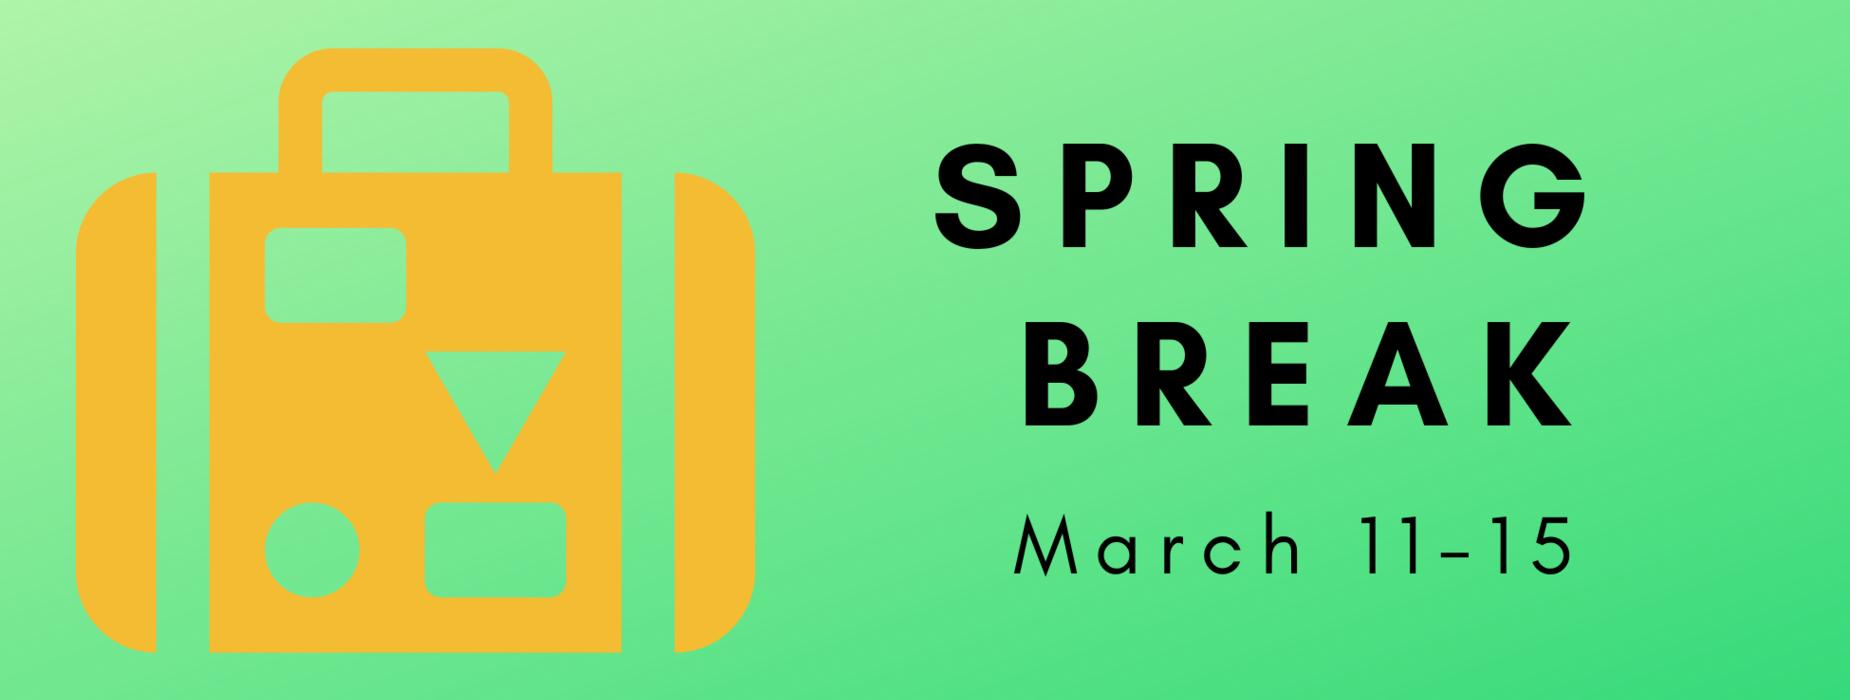 Spring Break is March 11-15